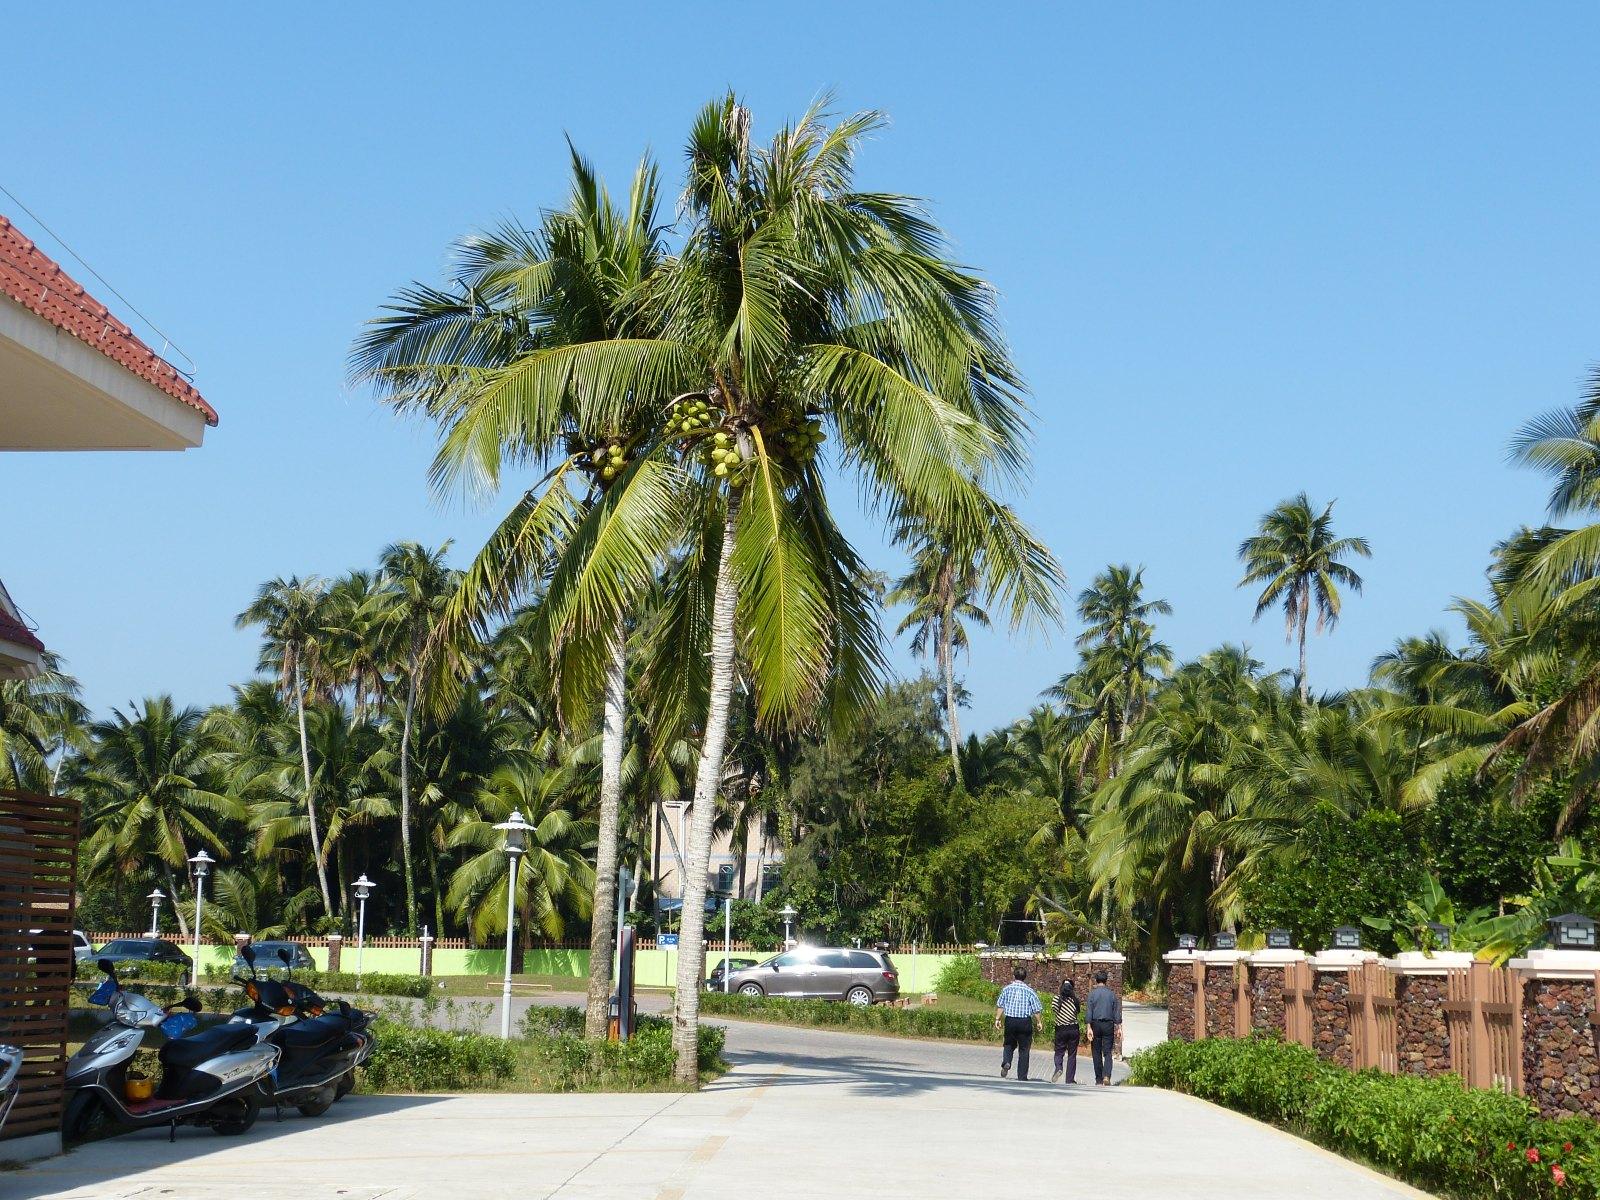 东郊椰林-让你真正享受到椰乡大自然的温馨和甜蜜